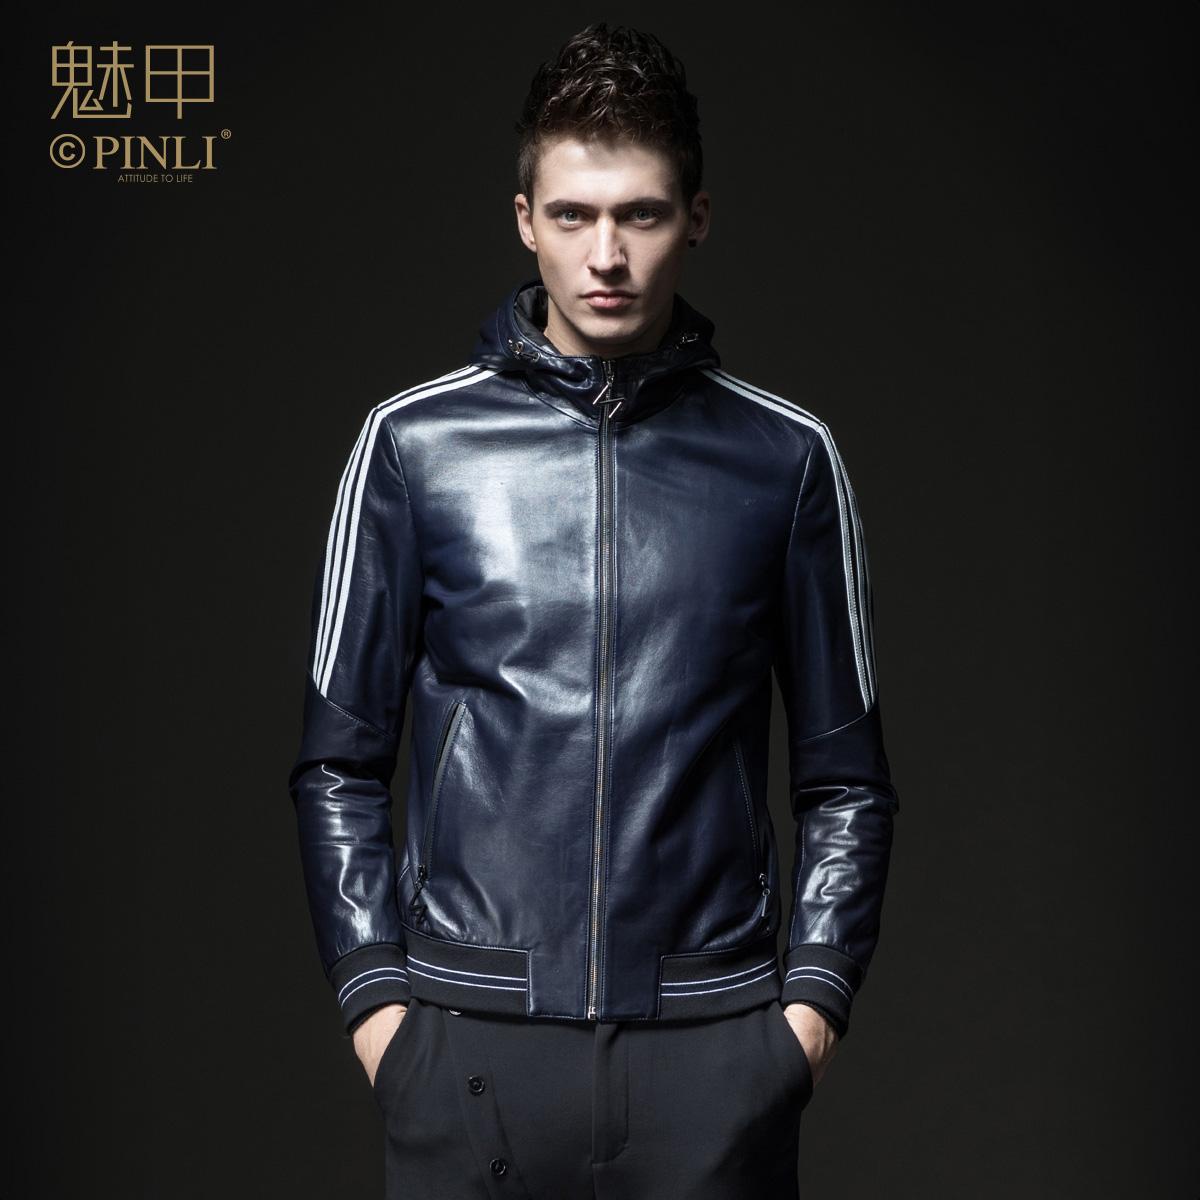 提升帅与时尚的造型魅力,混搭皮衣外套就可以!  秋11月 第18张